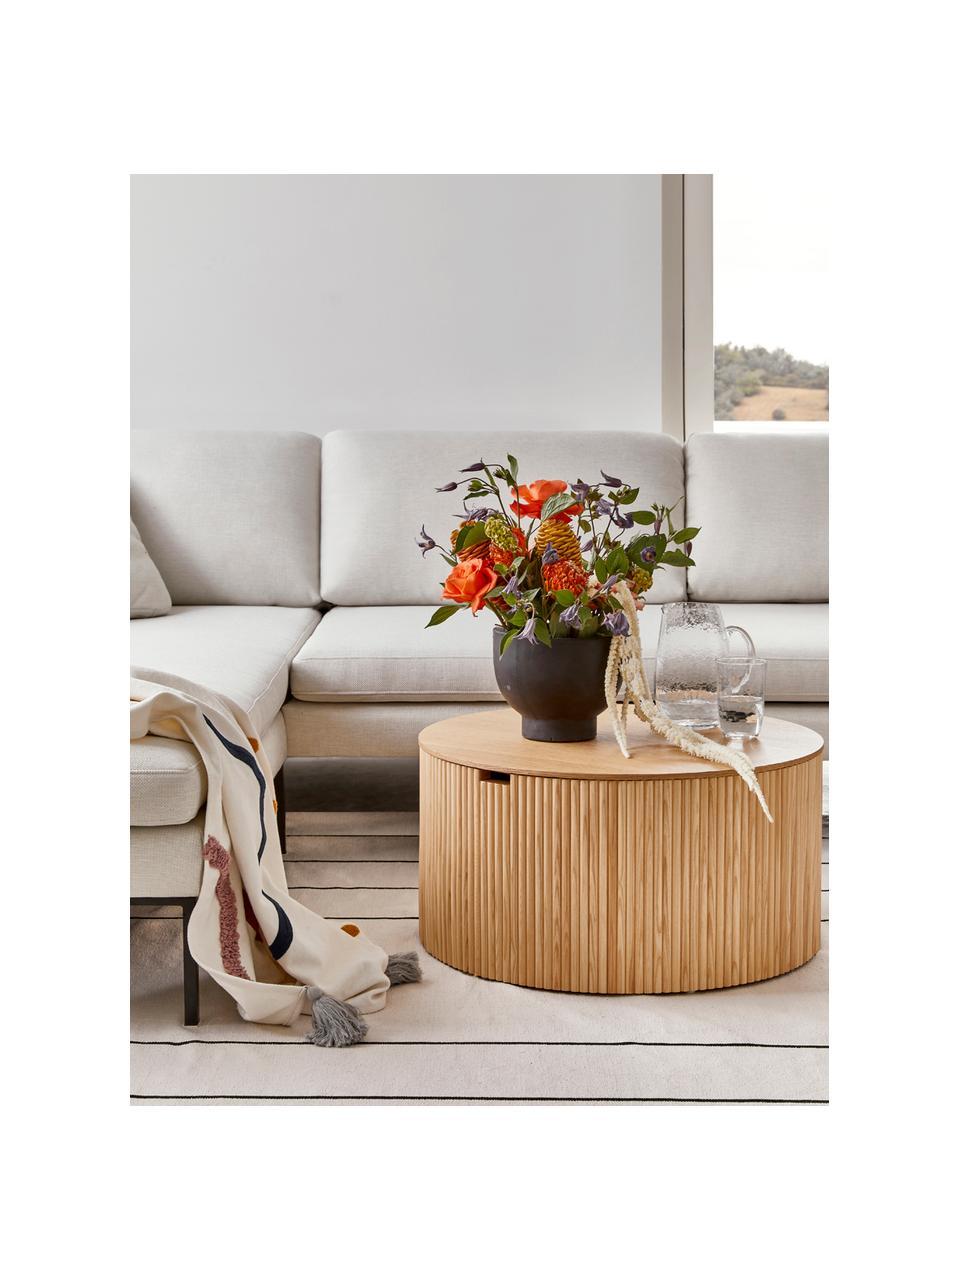 Holz-Couchtisch Nele mit Stauraum, Mitteldichte Holzfaserplatte (MDF) mit Eschenholzfurnier, Eschenholzfurnier, Ø 70 x H 36 cm